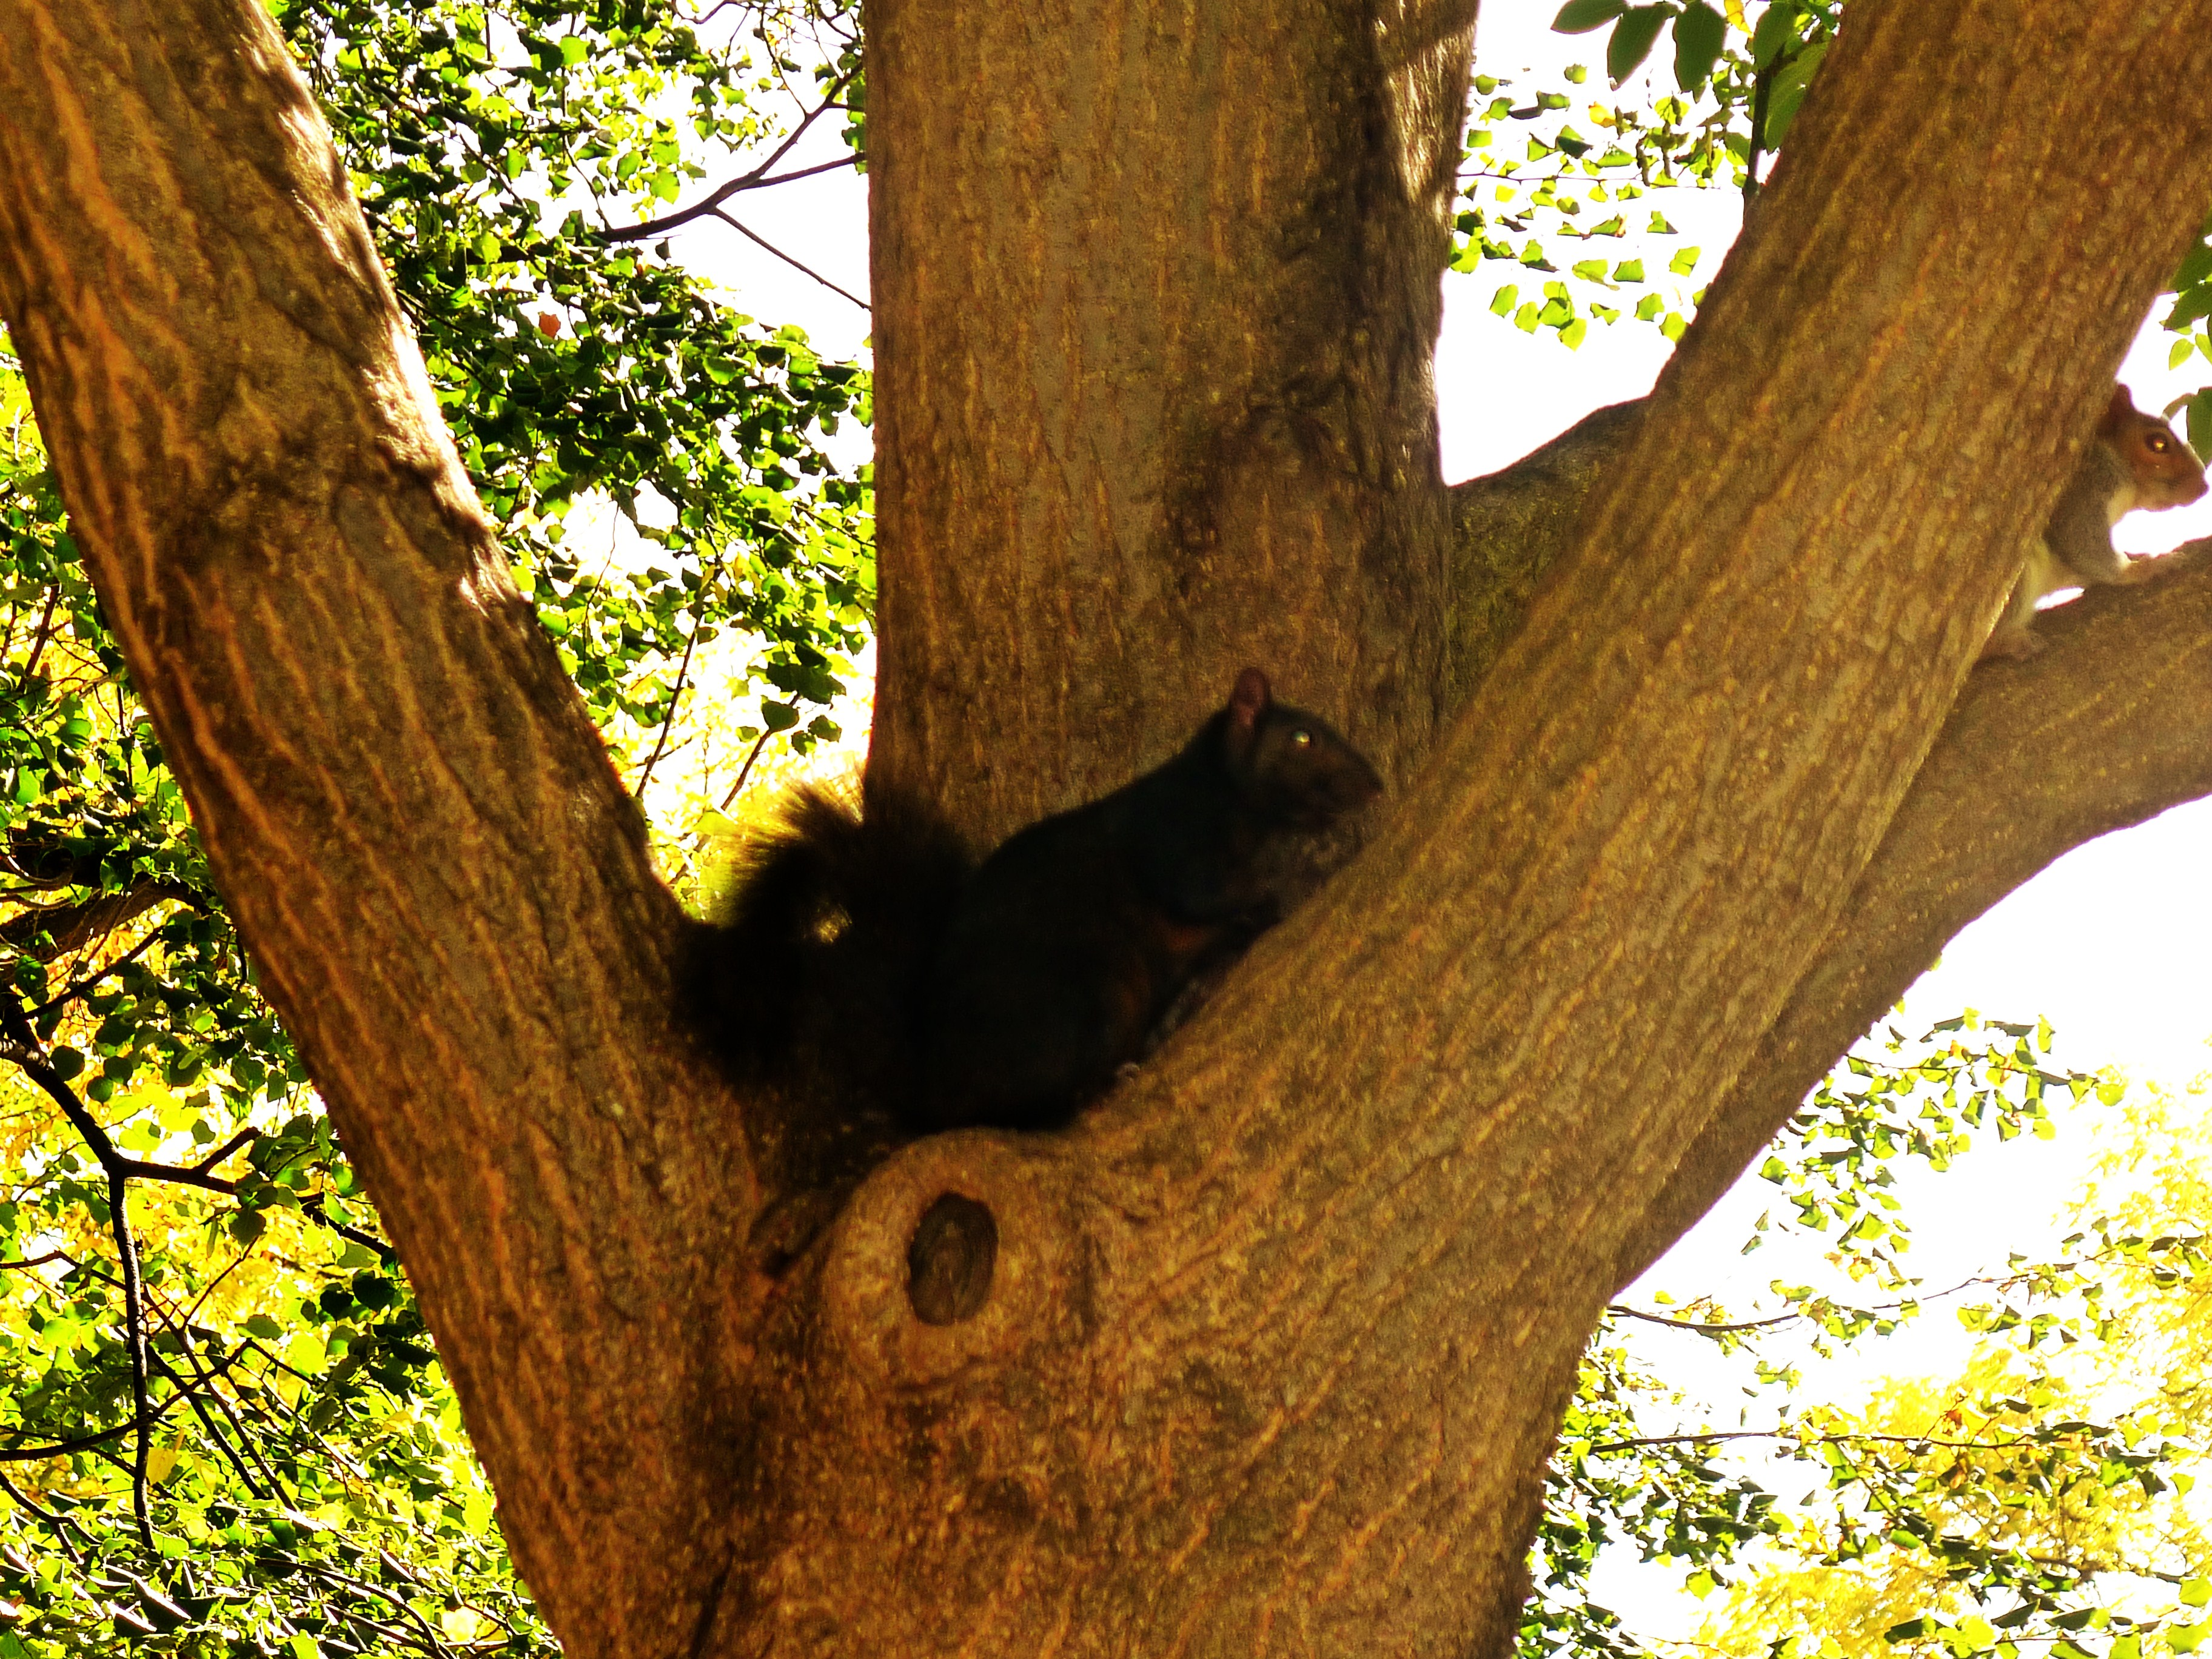 Black Squirrel in D.C.